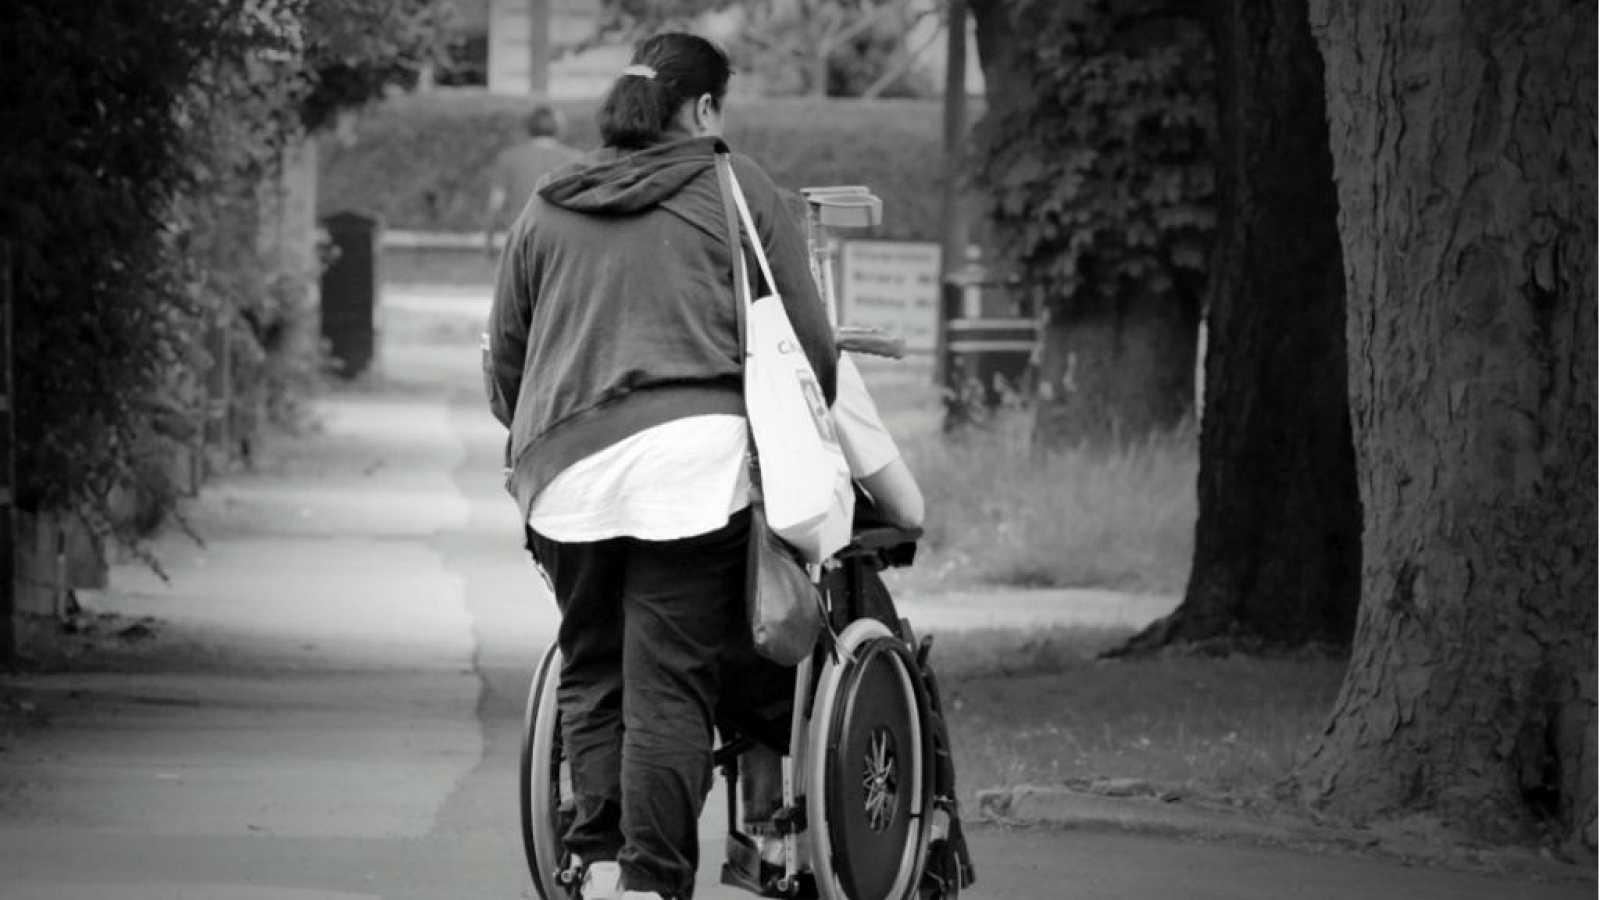 Autonomía para la discapacidad, un derecho en proceso - Escuchar ahora